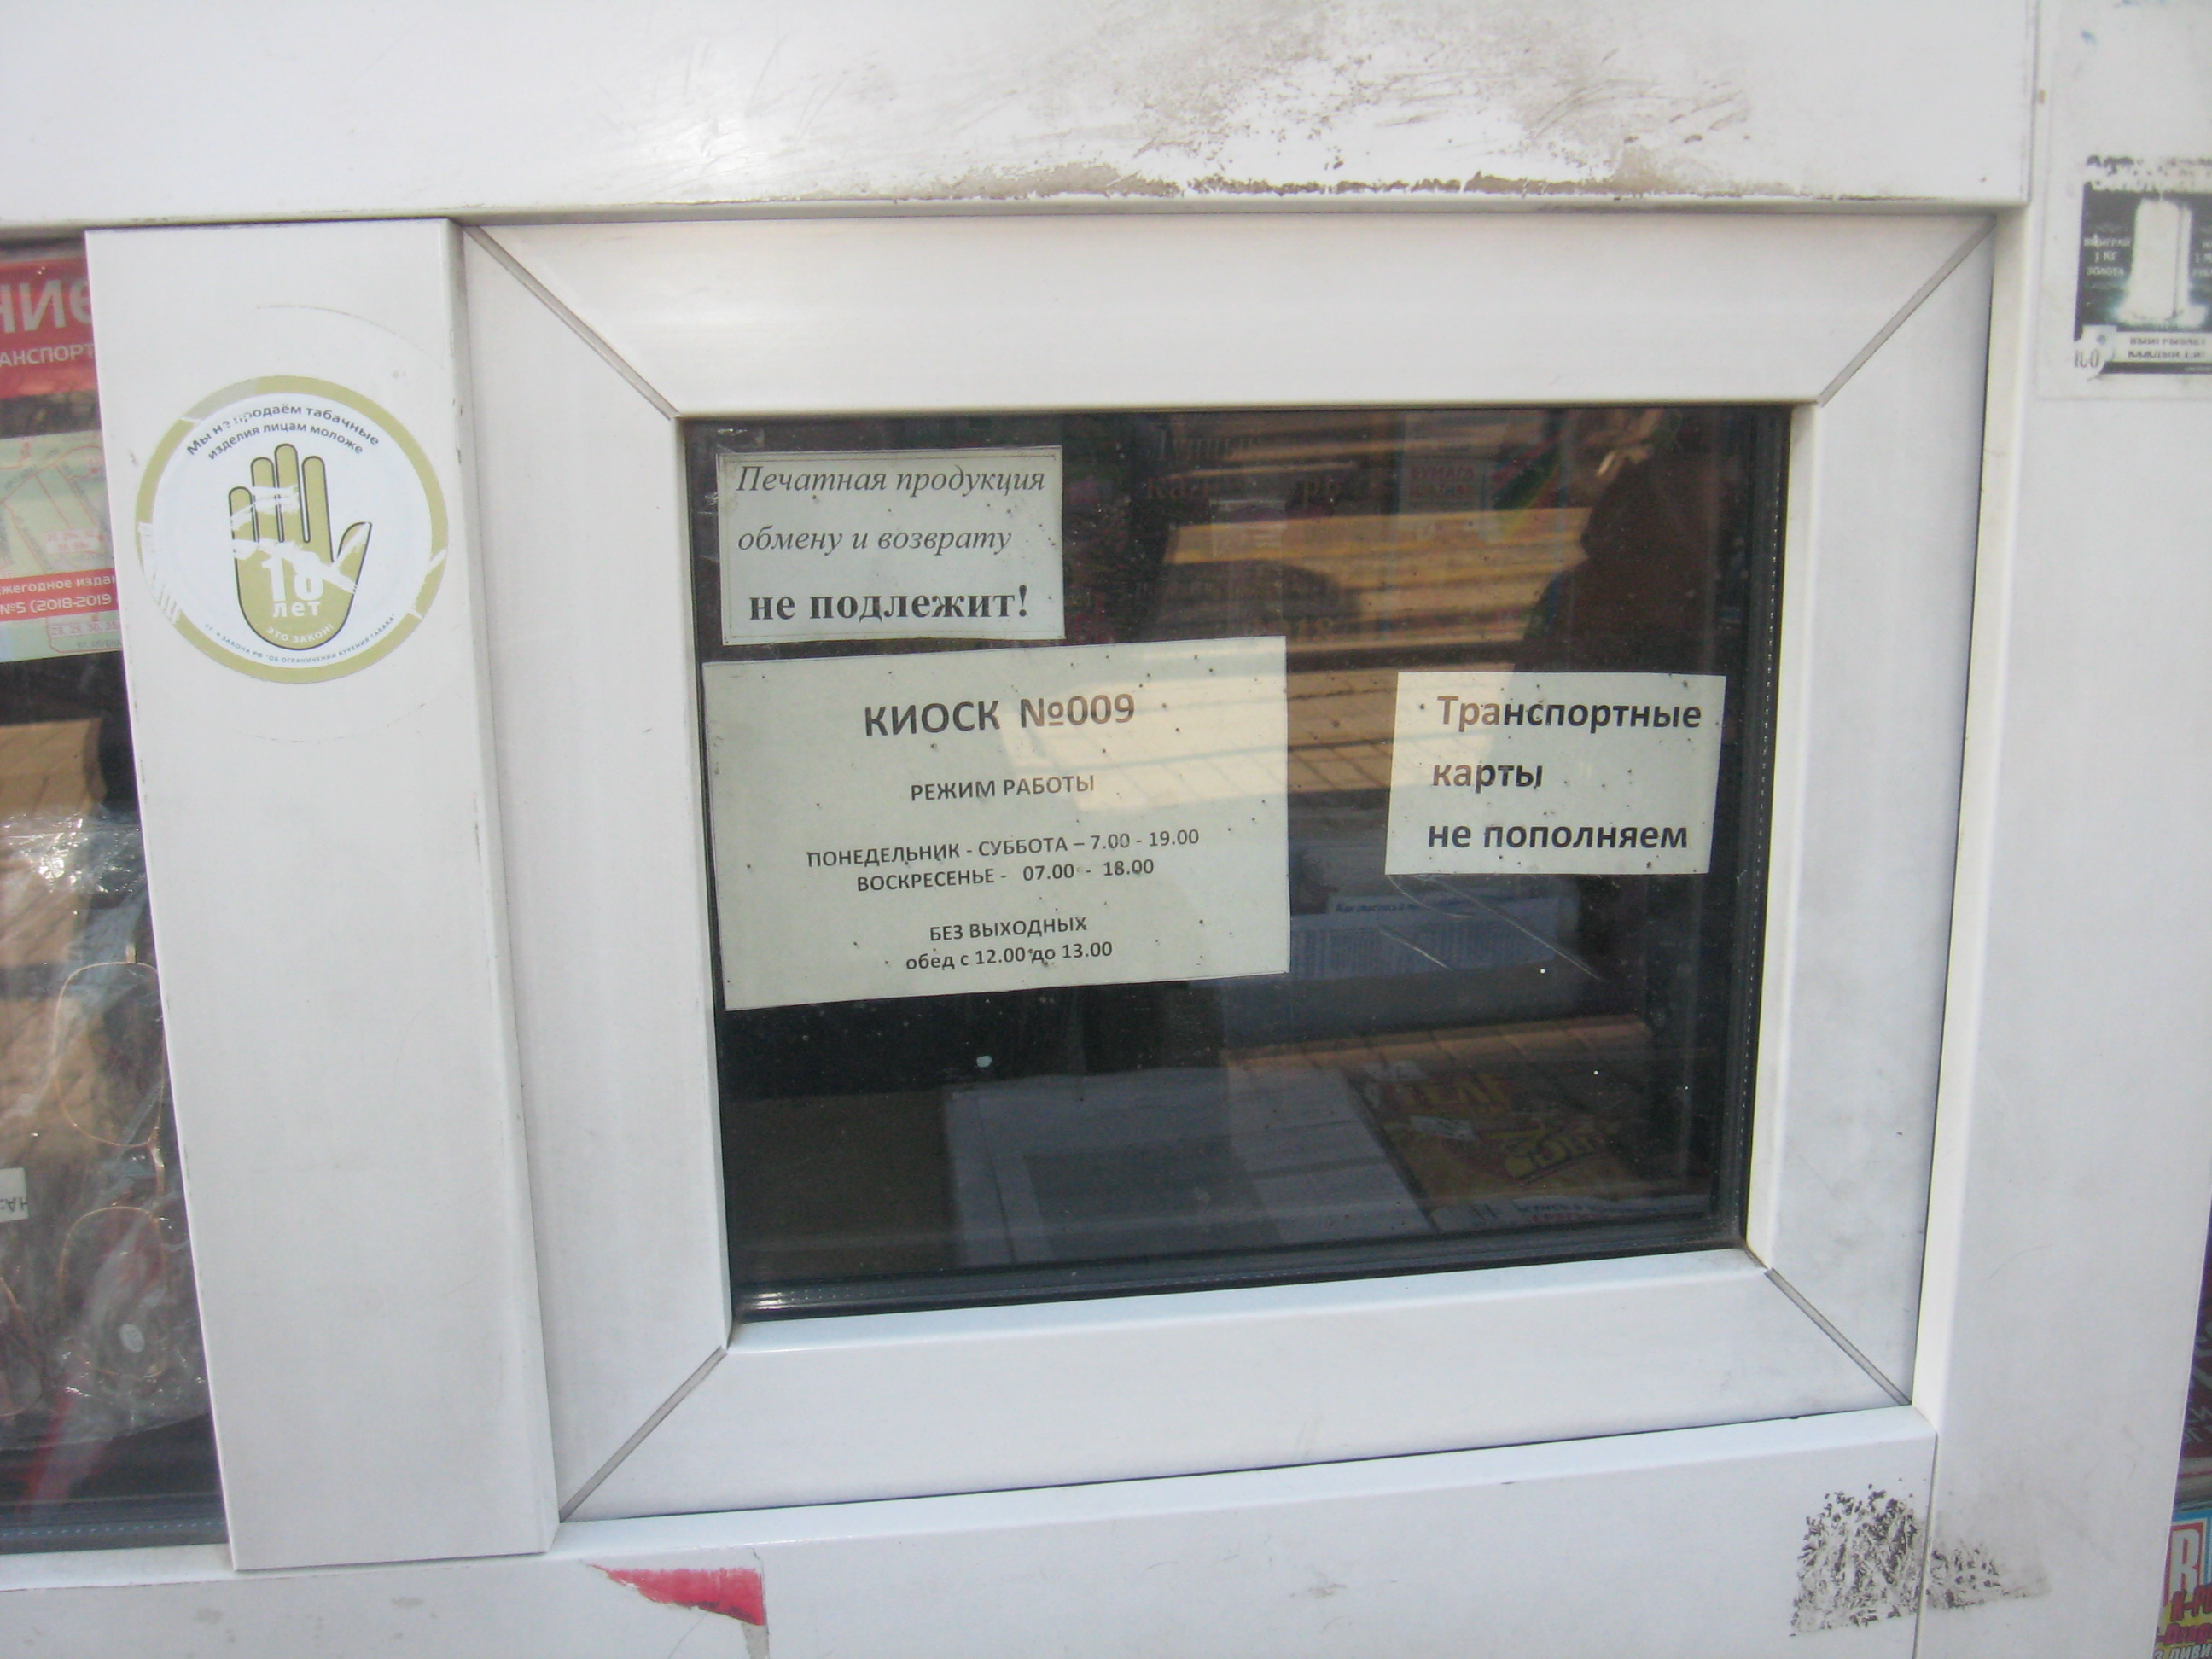 В киосках «Роспечать» не пополняют транспортные карты